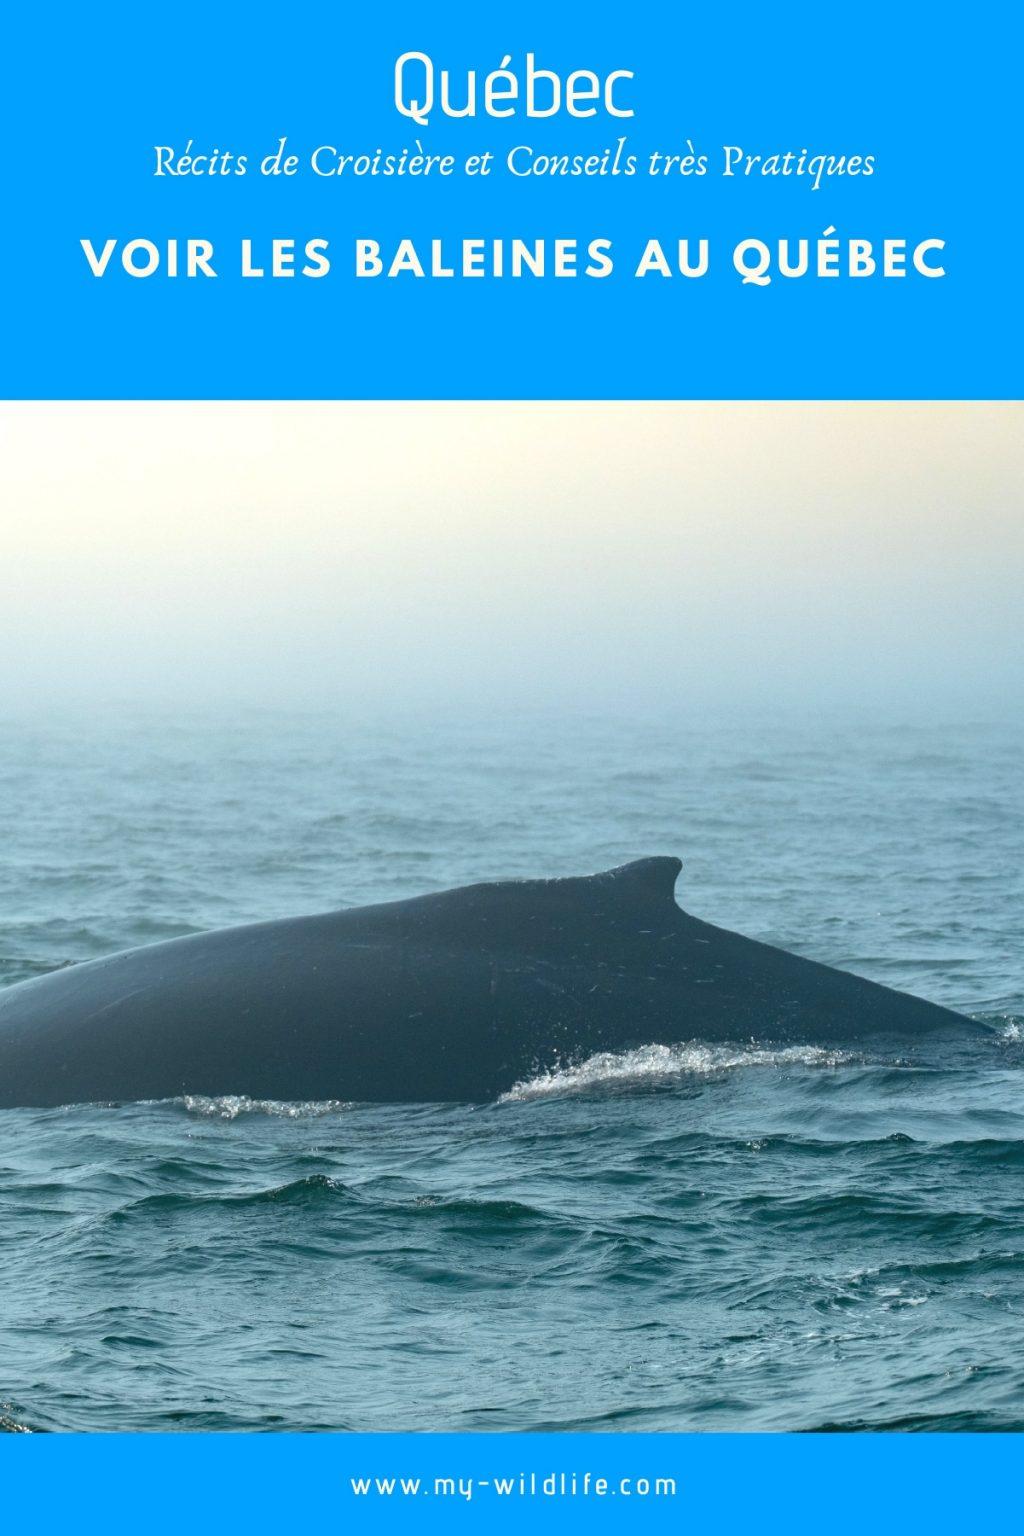 Voir des baleines au Québec